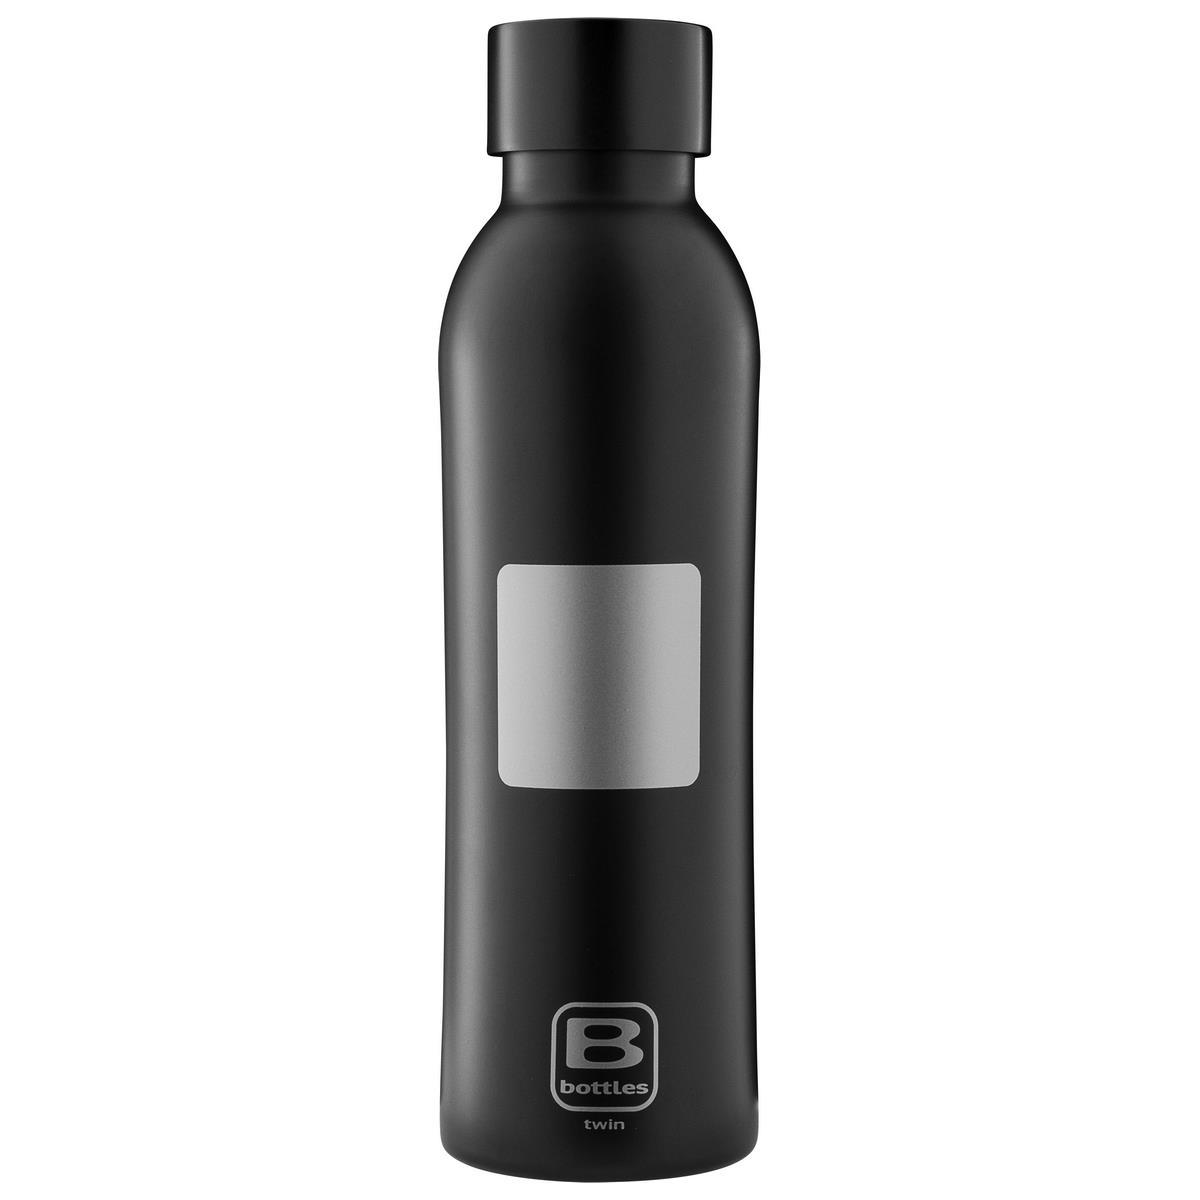 B Bottles Twin - Square Silver - 500 ml - Bottiglia Termica a doppia parete in acciaio inox 18/10